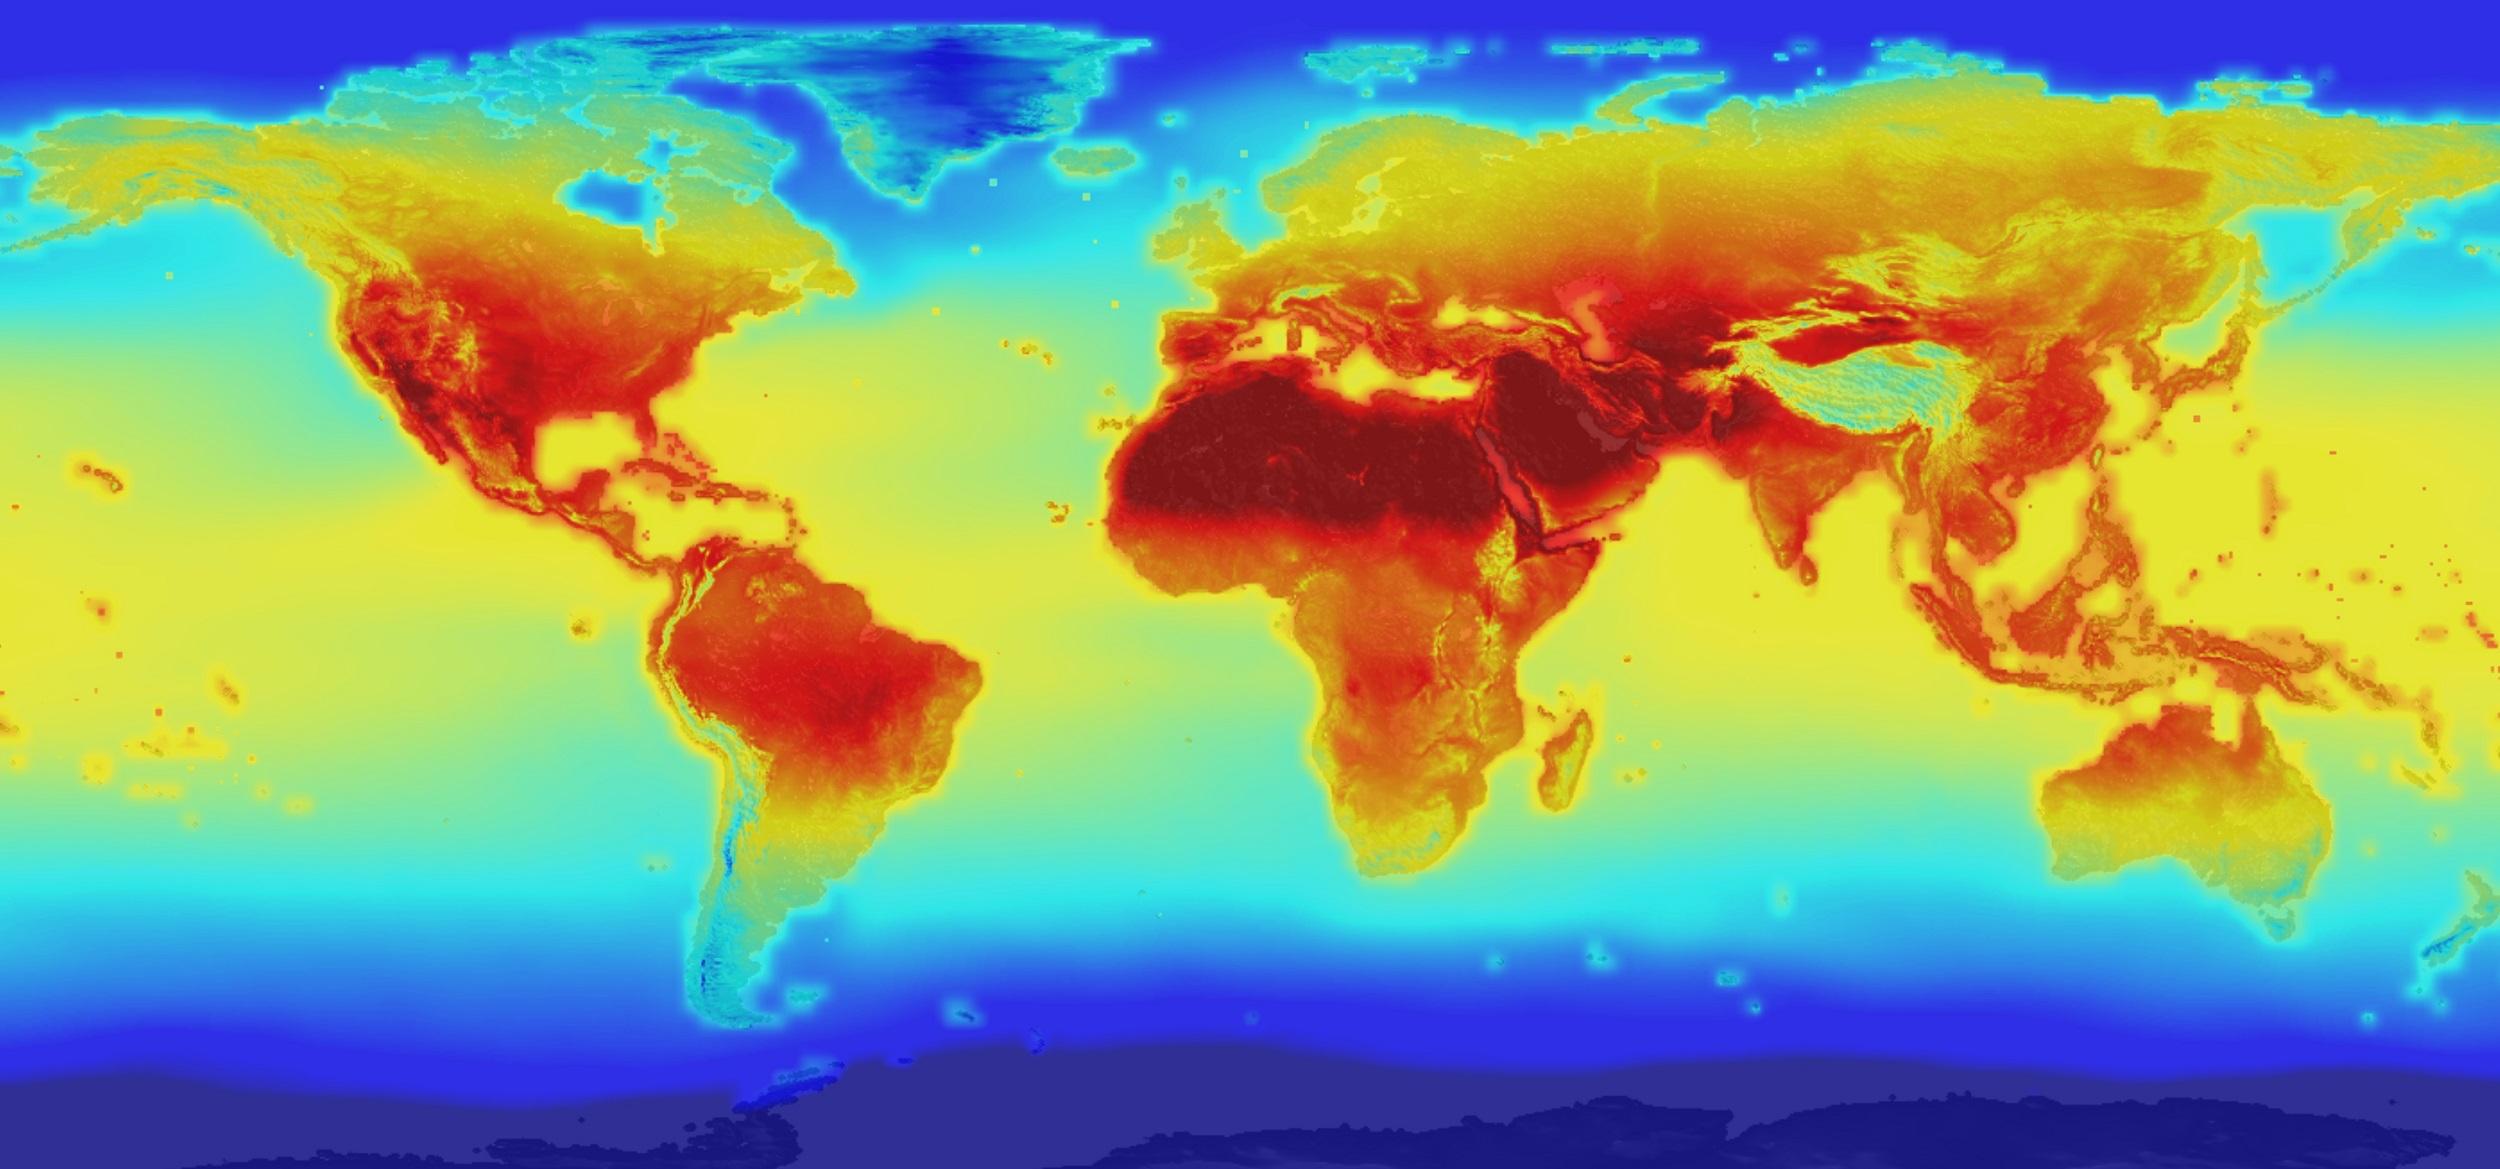 NASA 15 1151 Nasa divulga projeções detalhadas das mudanças climáticas